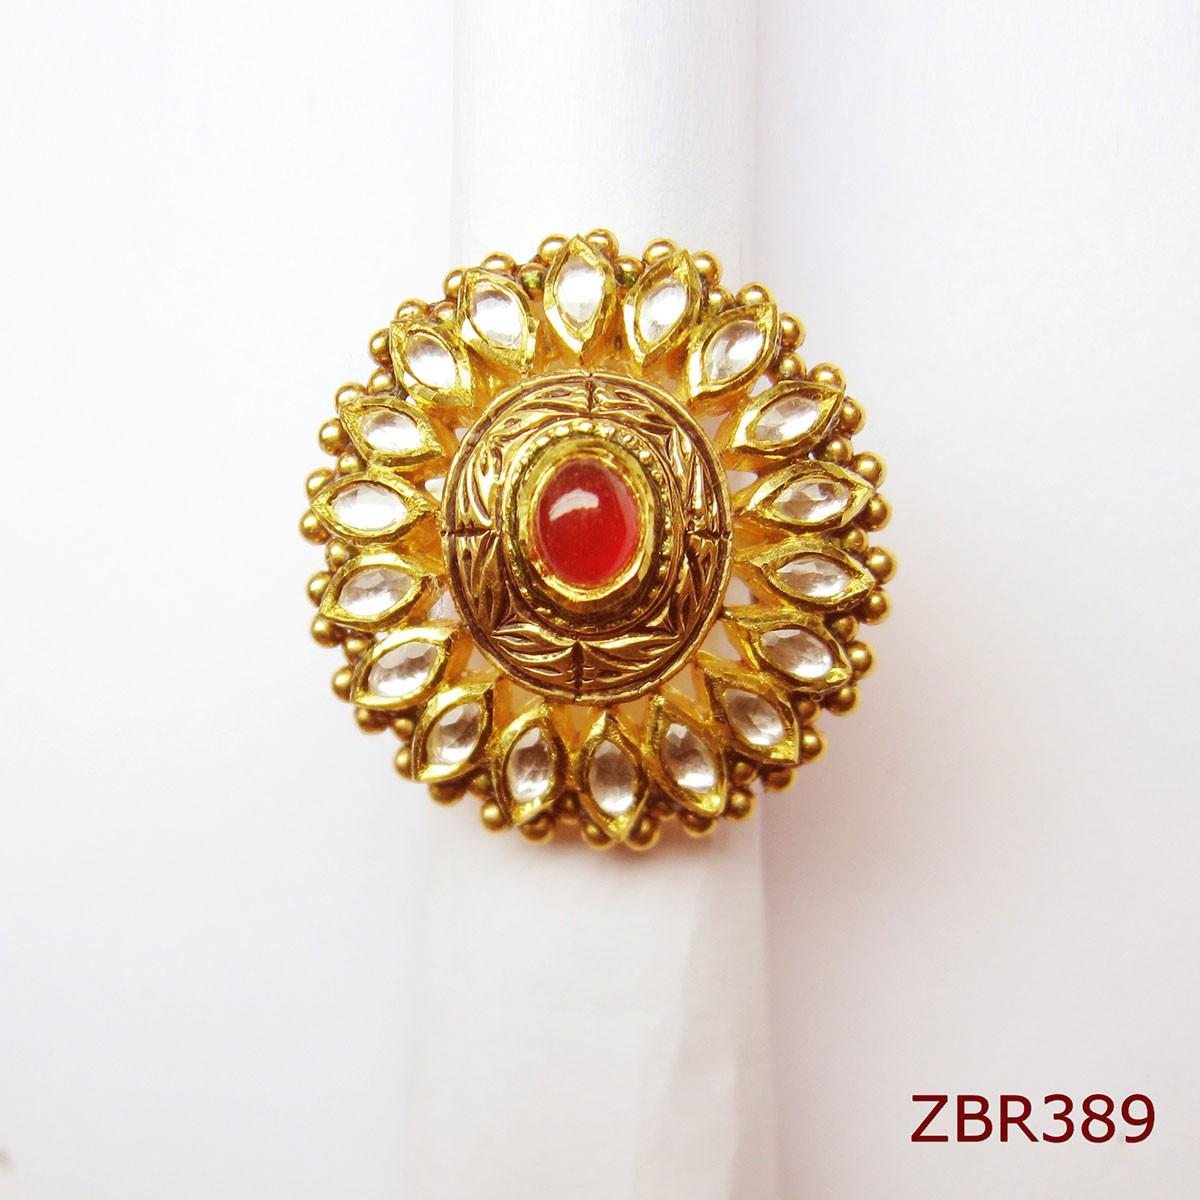 ZBR389